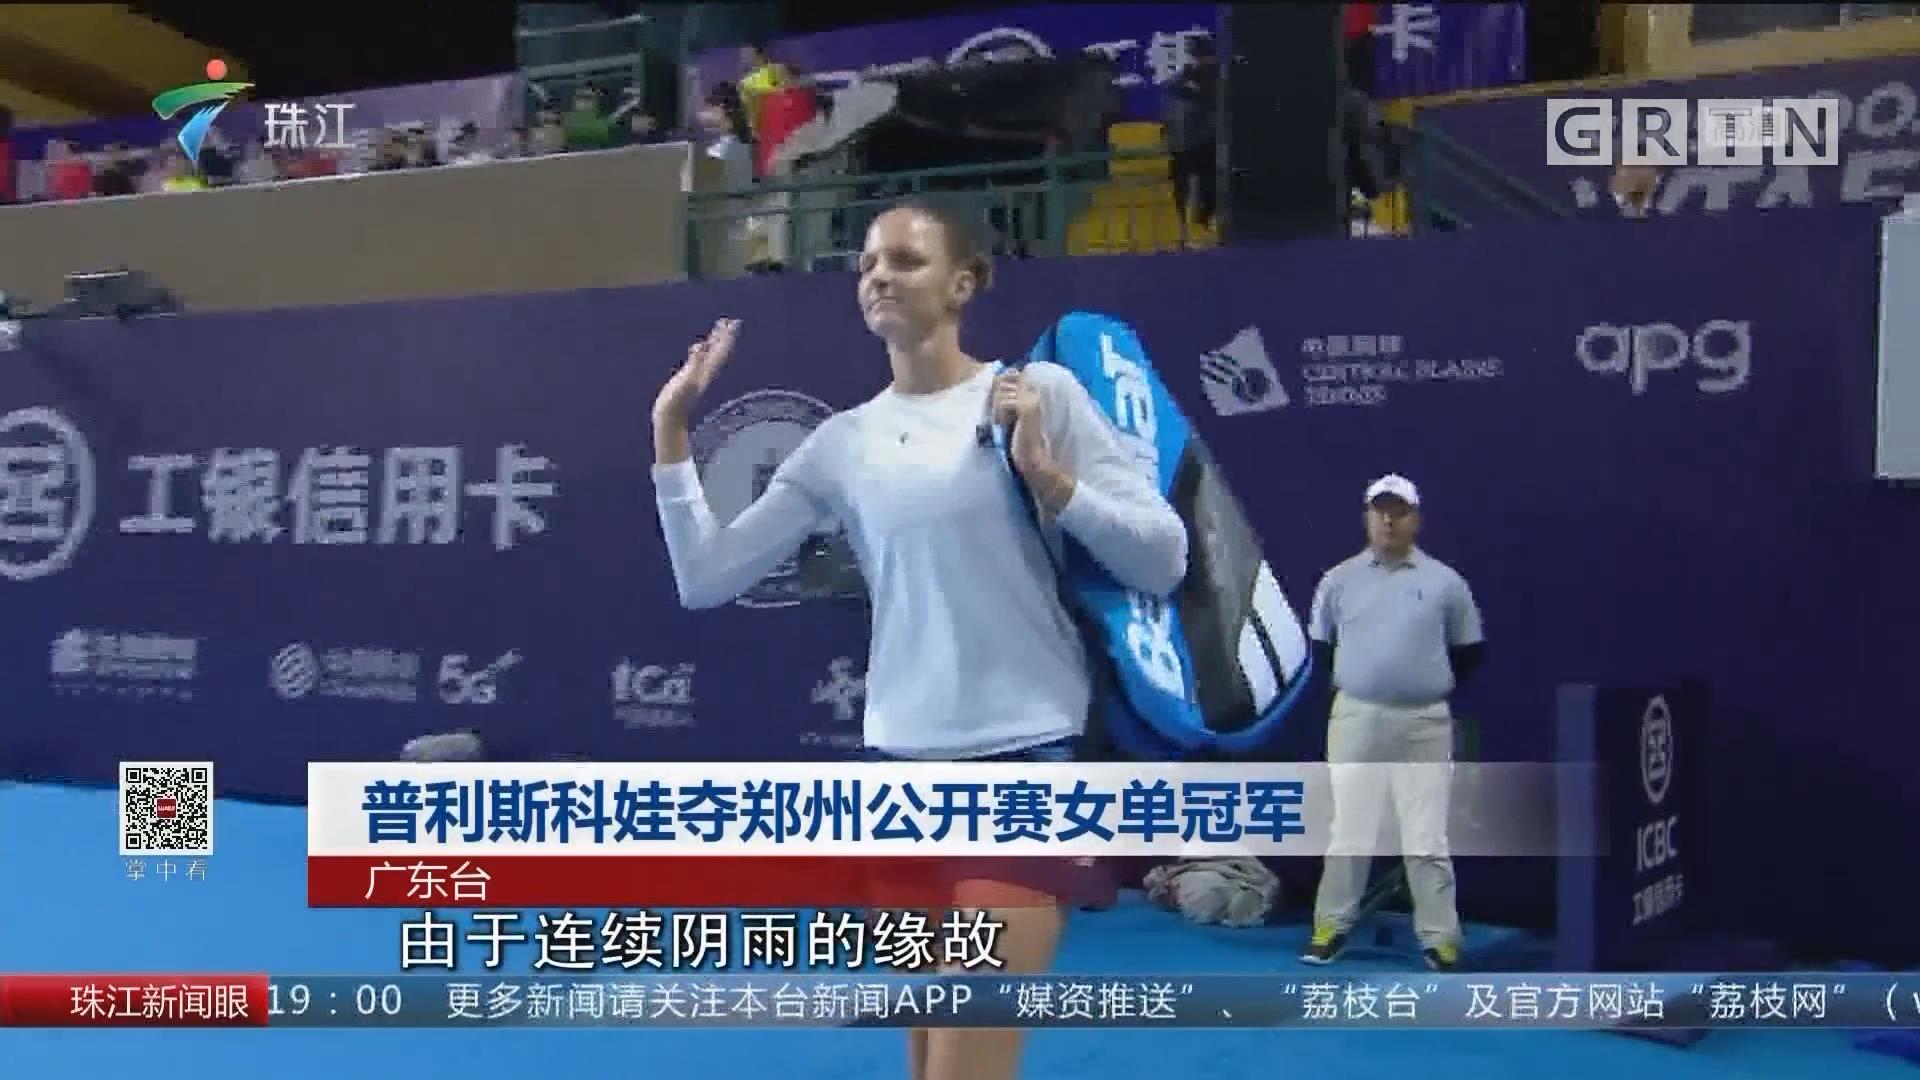 普利斯科娃夺郑州公开赛女单冠军